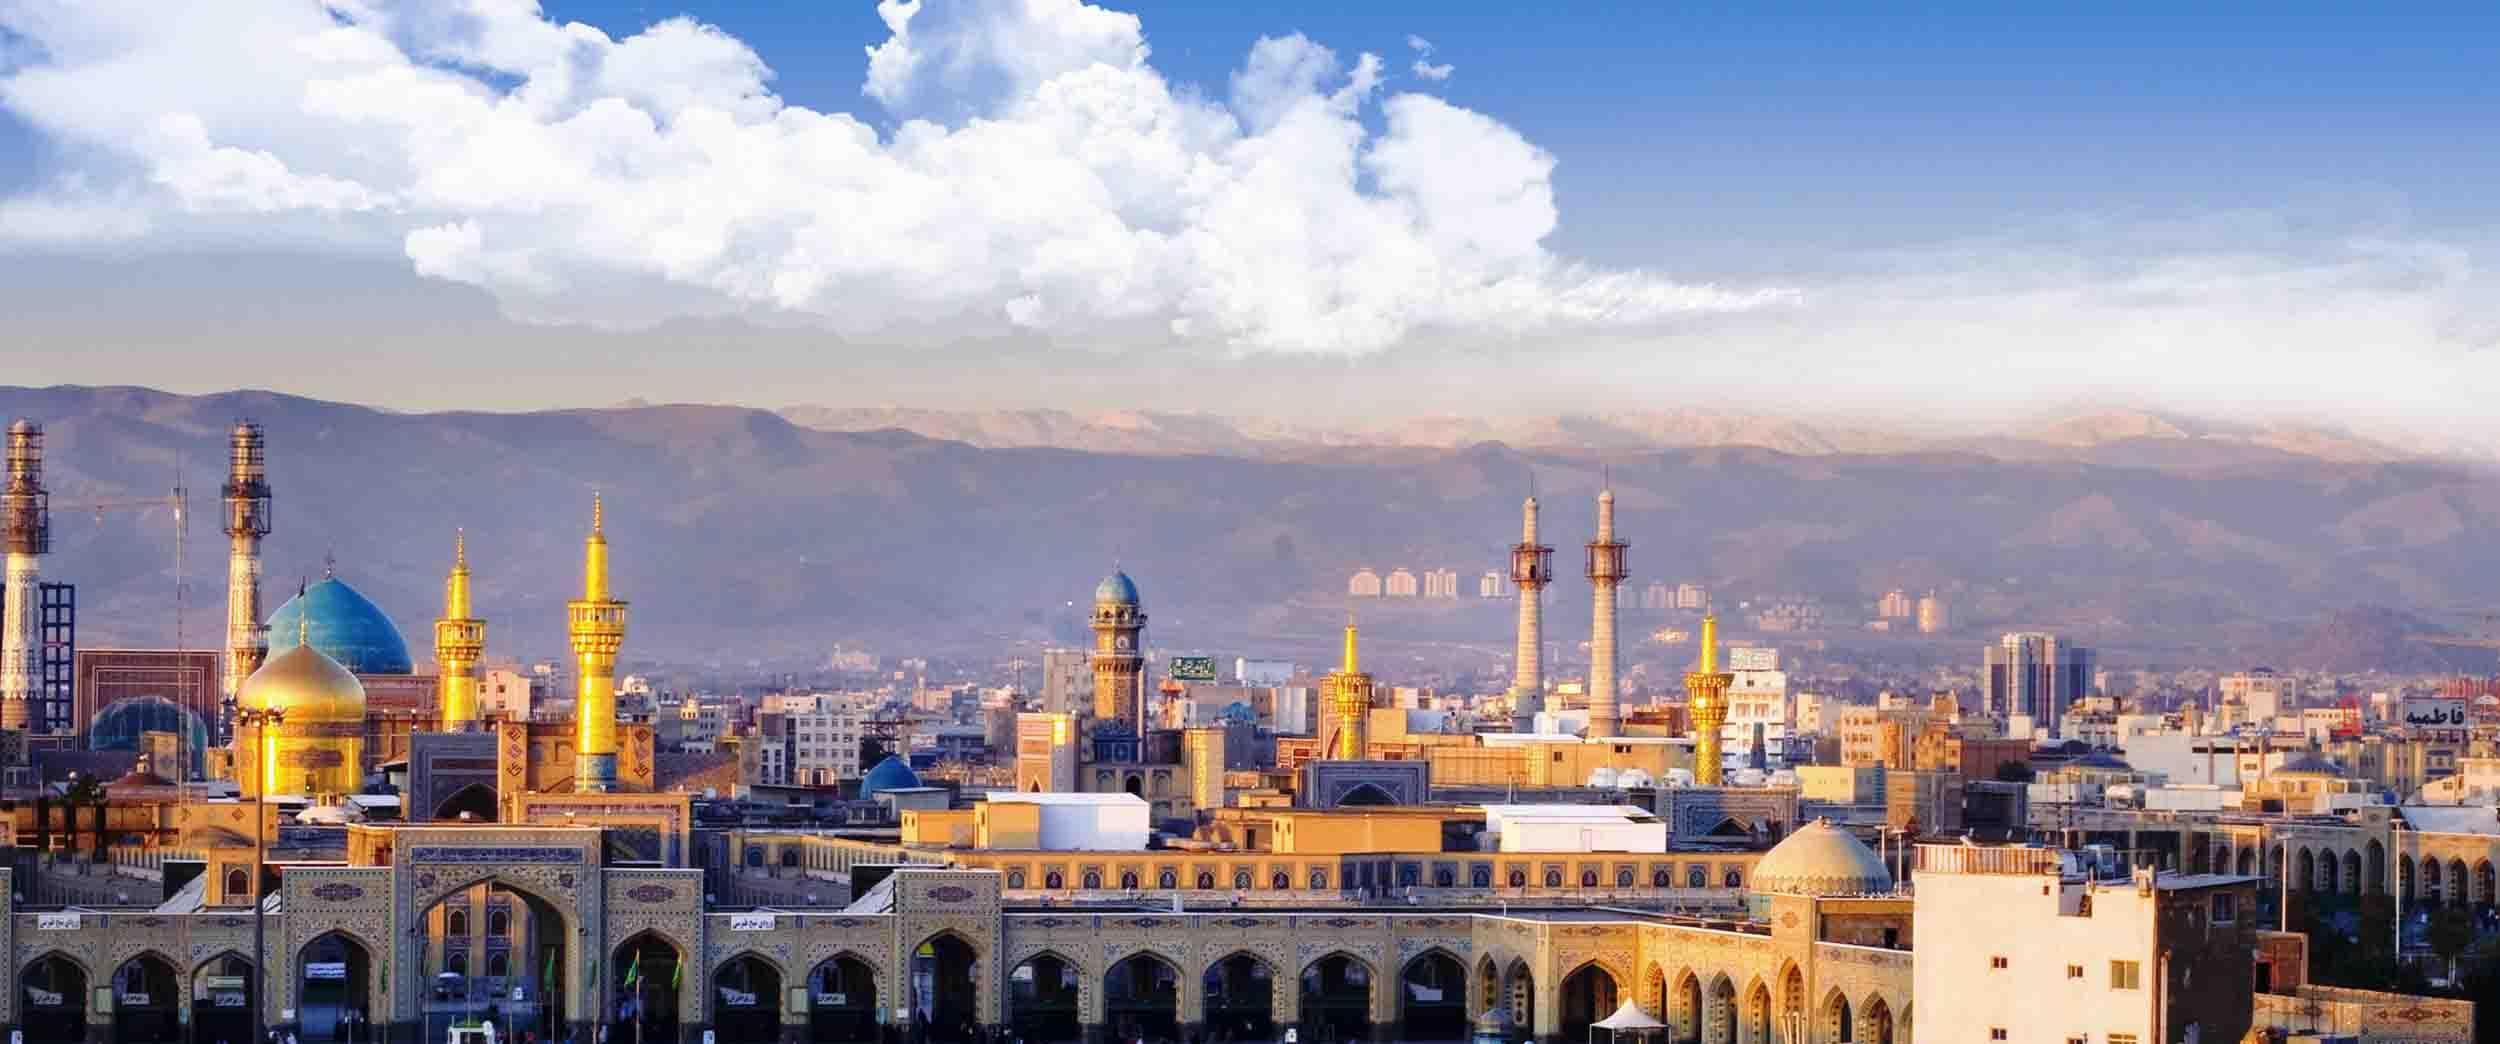 جاهای دیدنی مشهد ، جاذبههایی که تا بهحال ندیدهاید